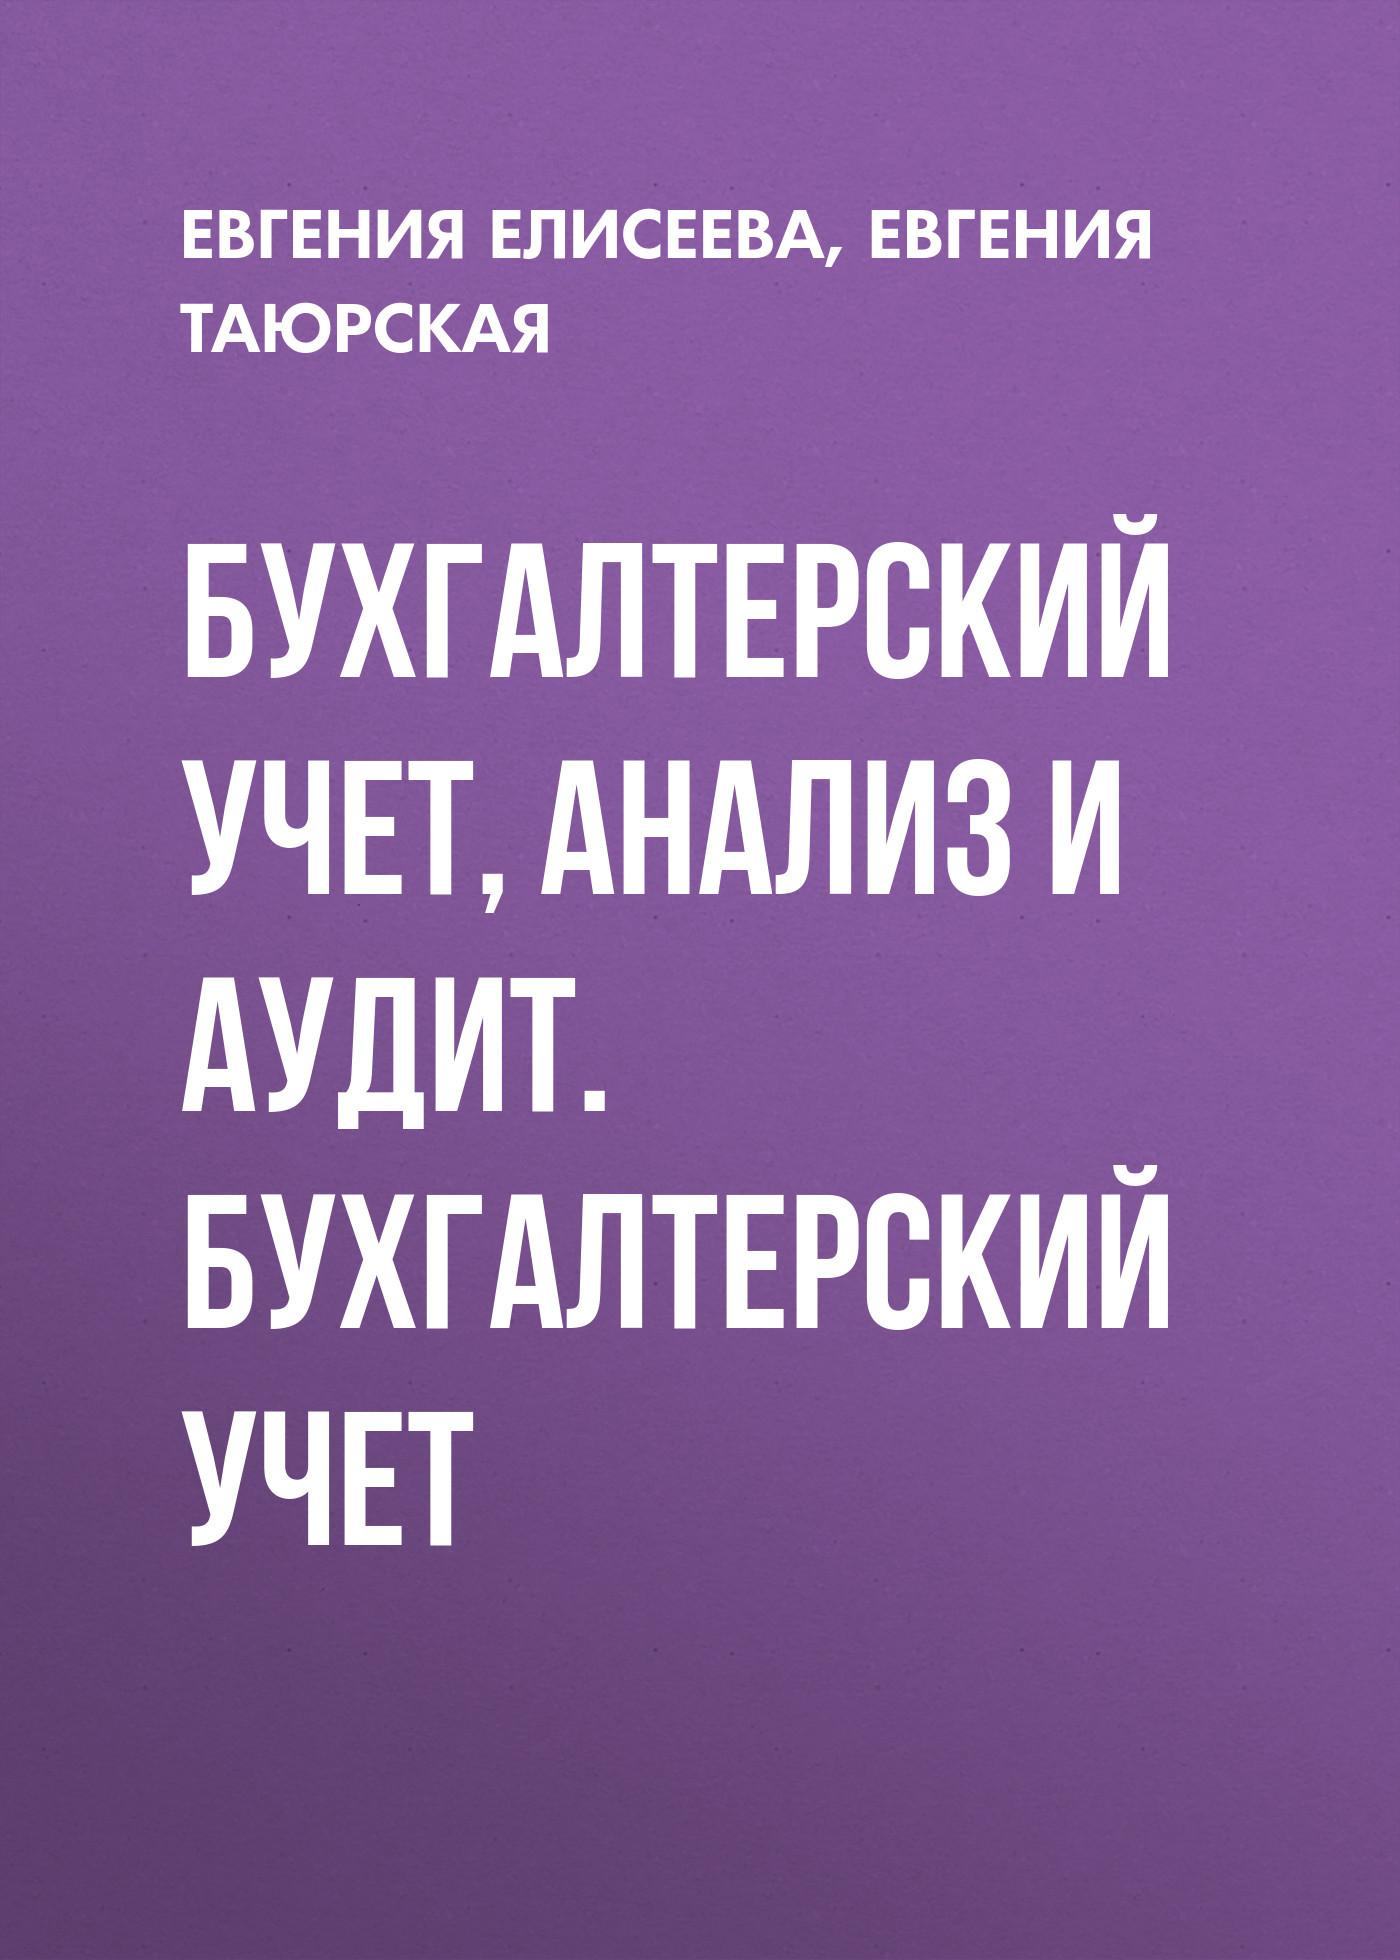 Евгения Елисеева Бухгалтерский учет, анализ и аудит. Бухгалтерский учет в с канхва бухгалтерский учет и анализ